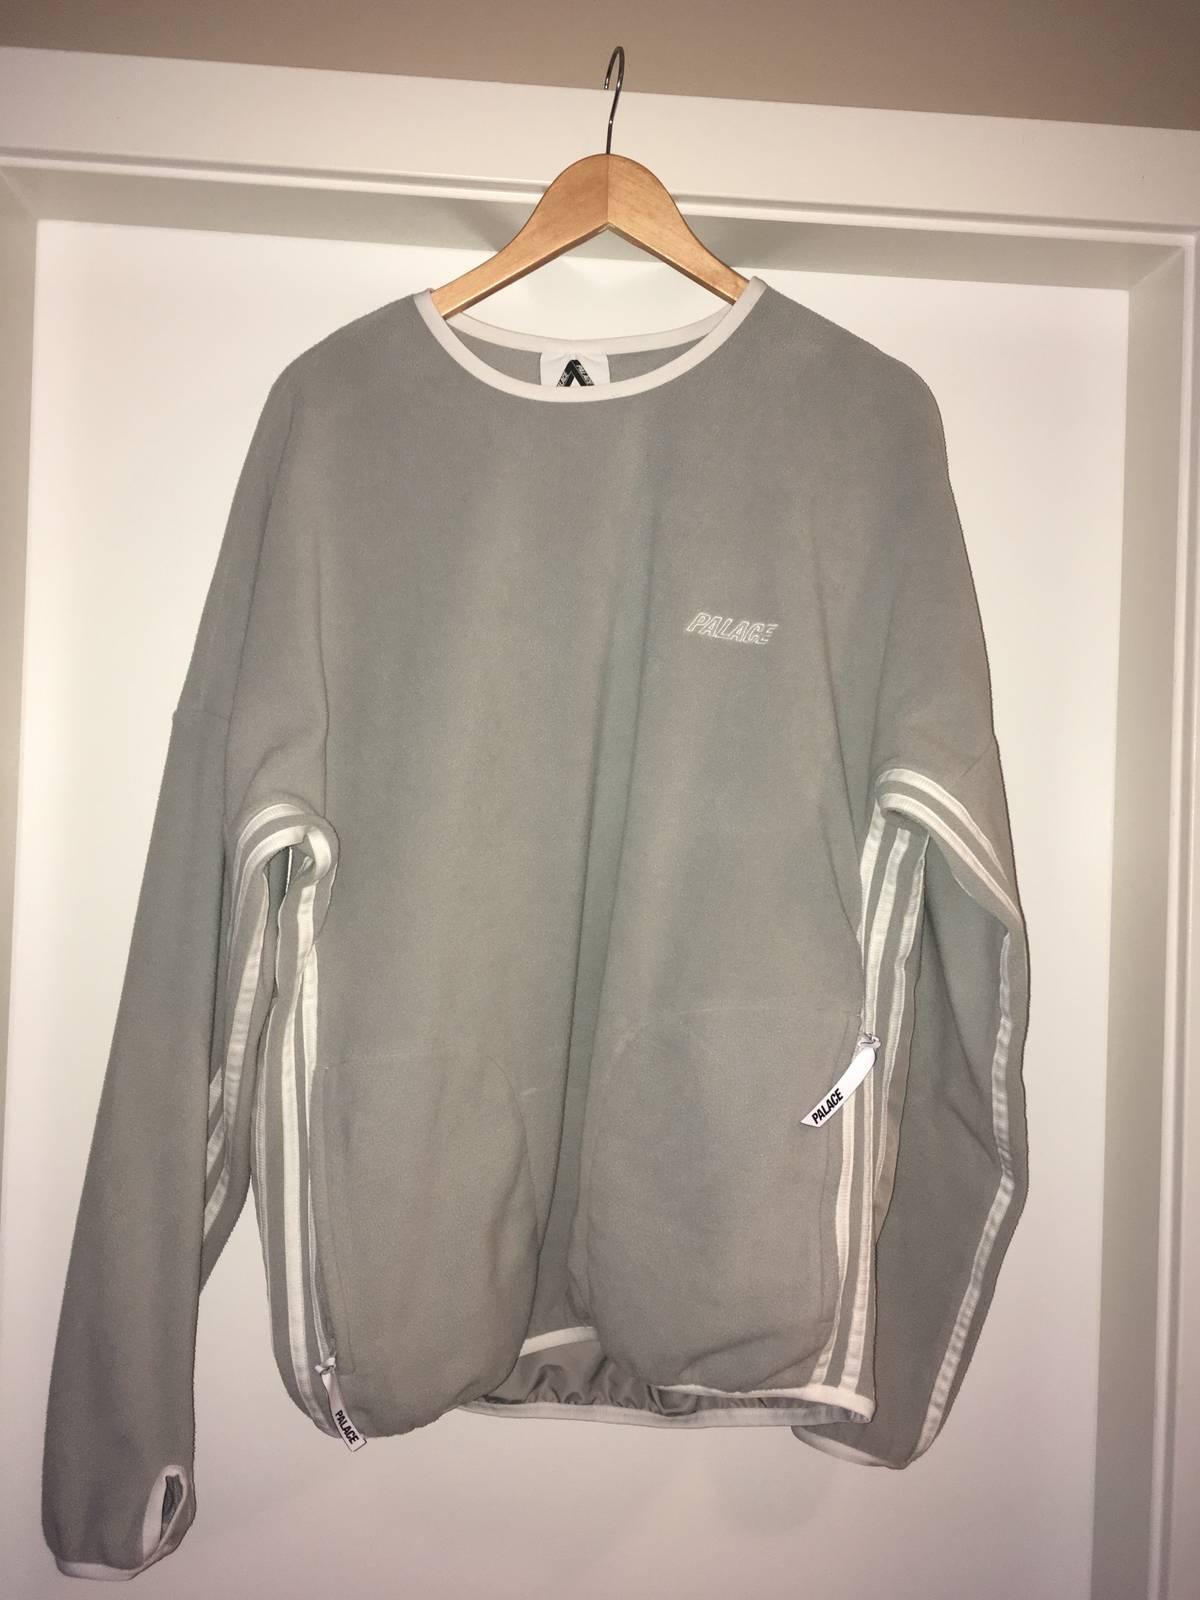 Adidas × Palace Palace X Adidas Fleece Crew Grey Size L $117